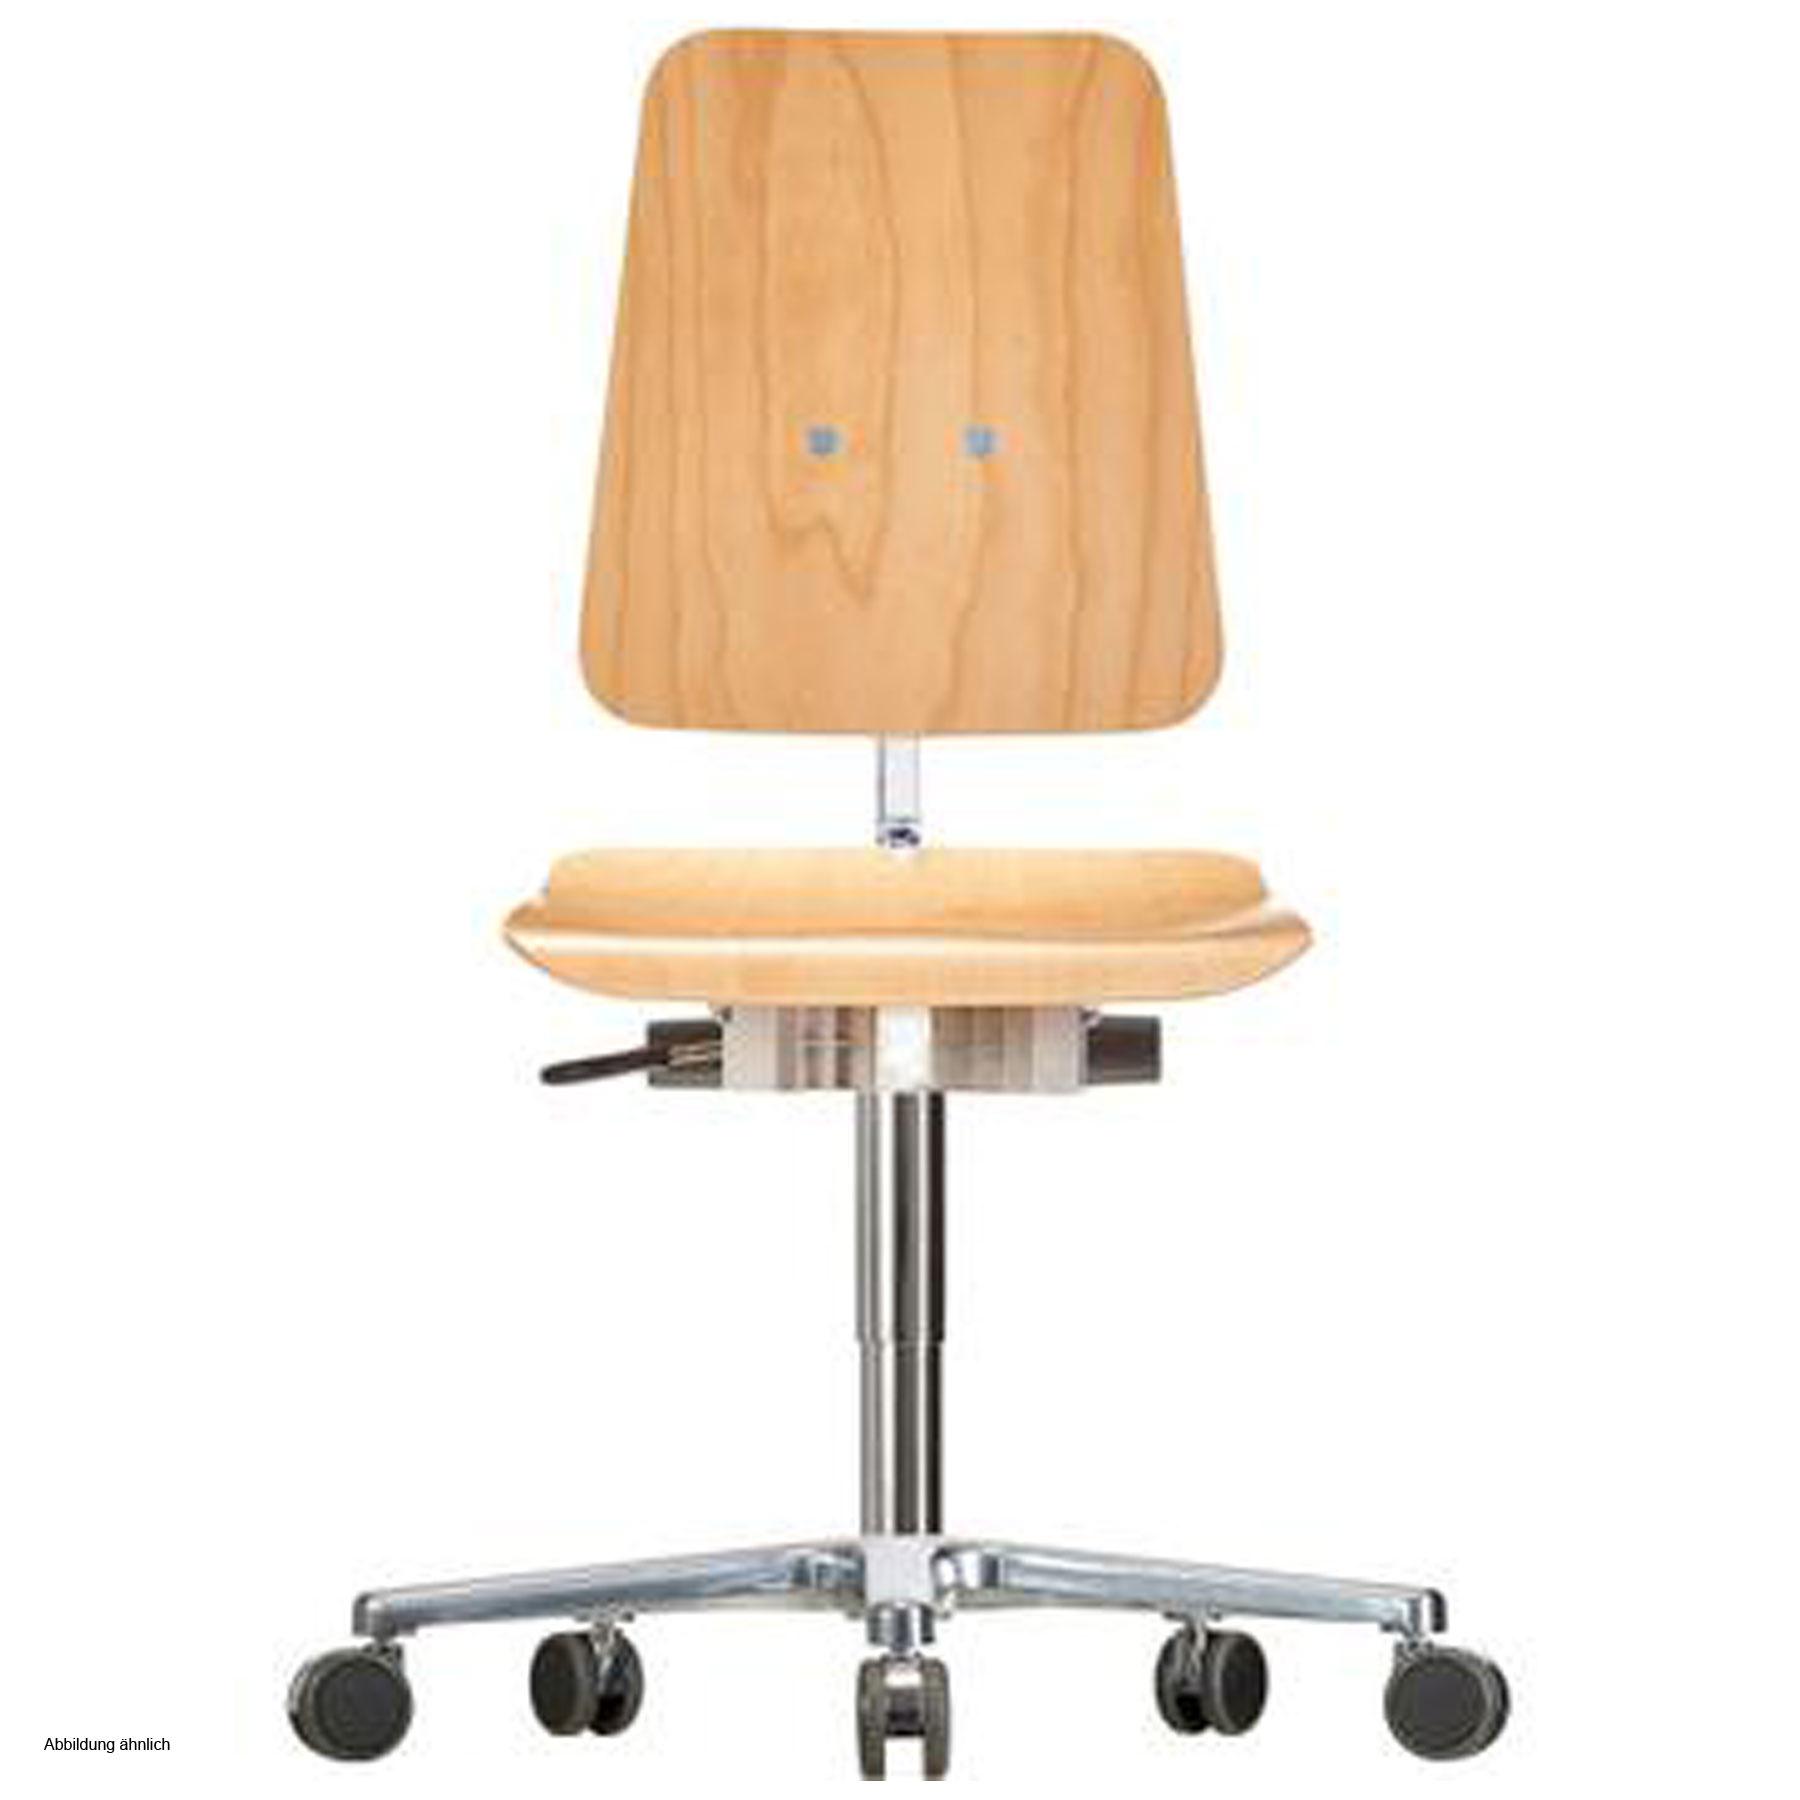 Labormöbel – Stühle, Hocker, Tische